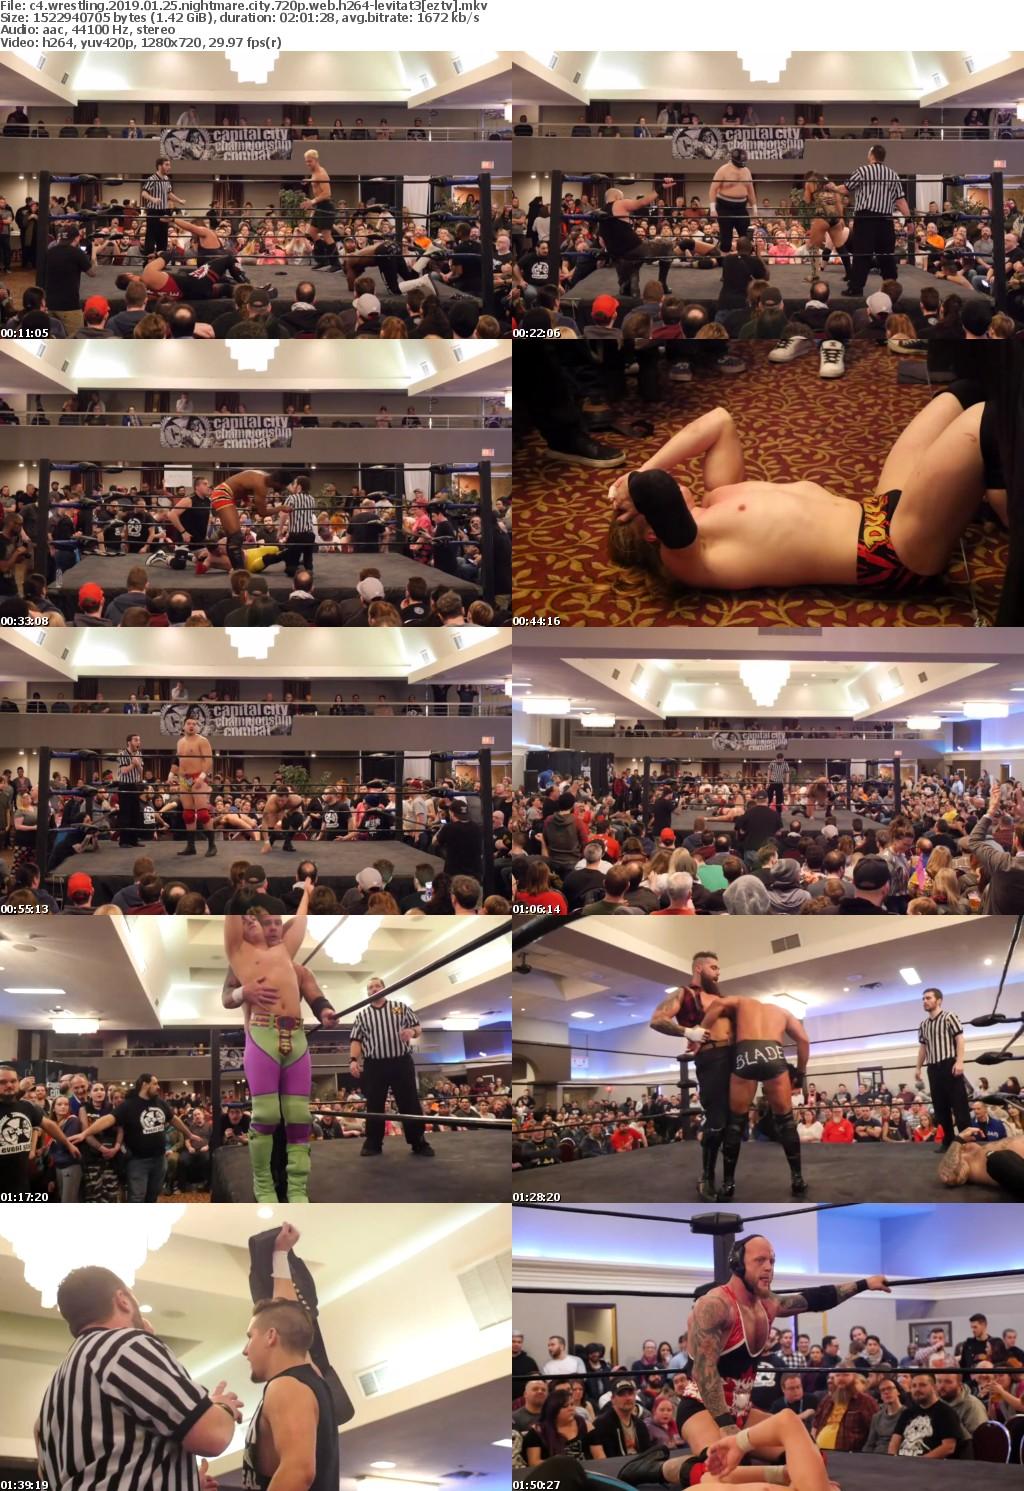 C4 Wrestling 2019 01 25 Nightmare City 720p WEB H264-LEViTAT3